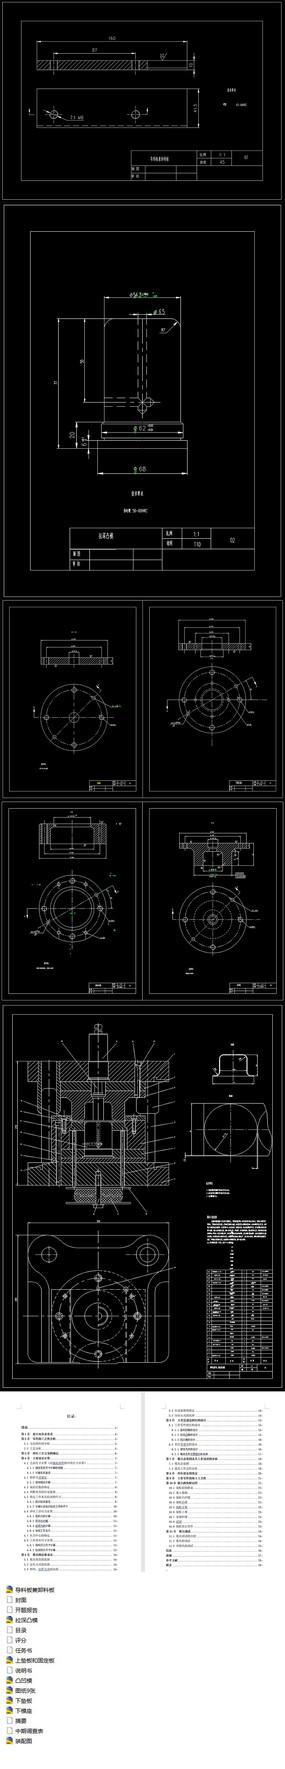 弹簧座冲压工艺及落料拉深复合模设计